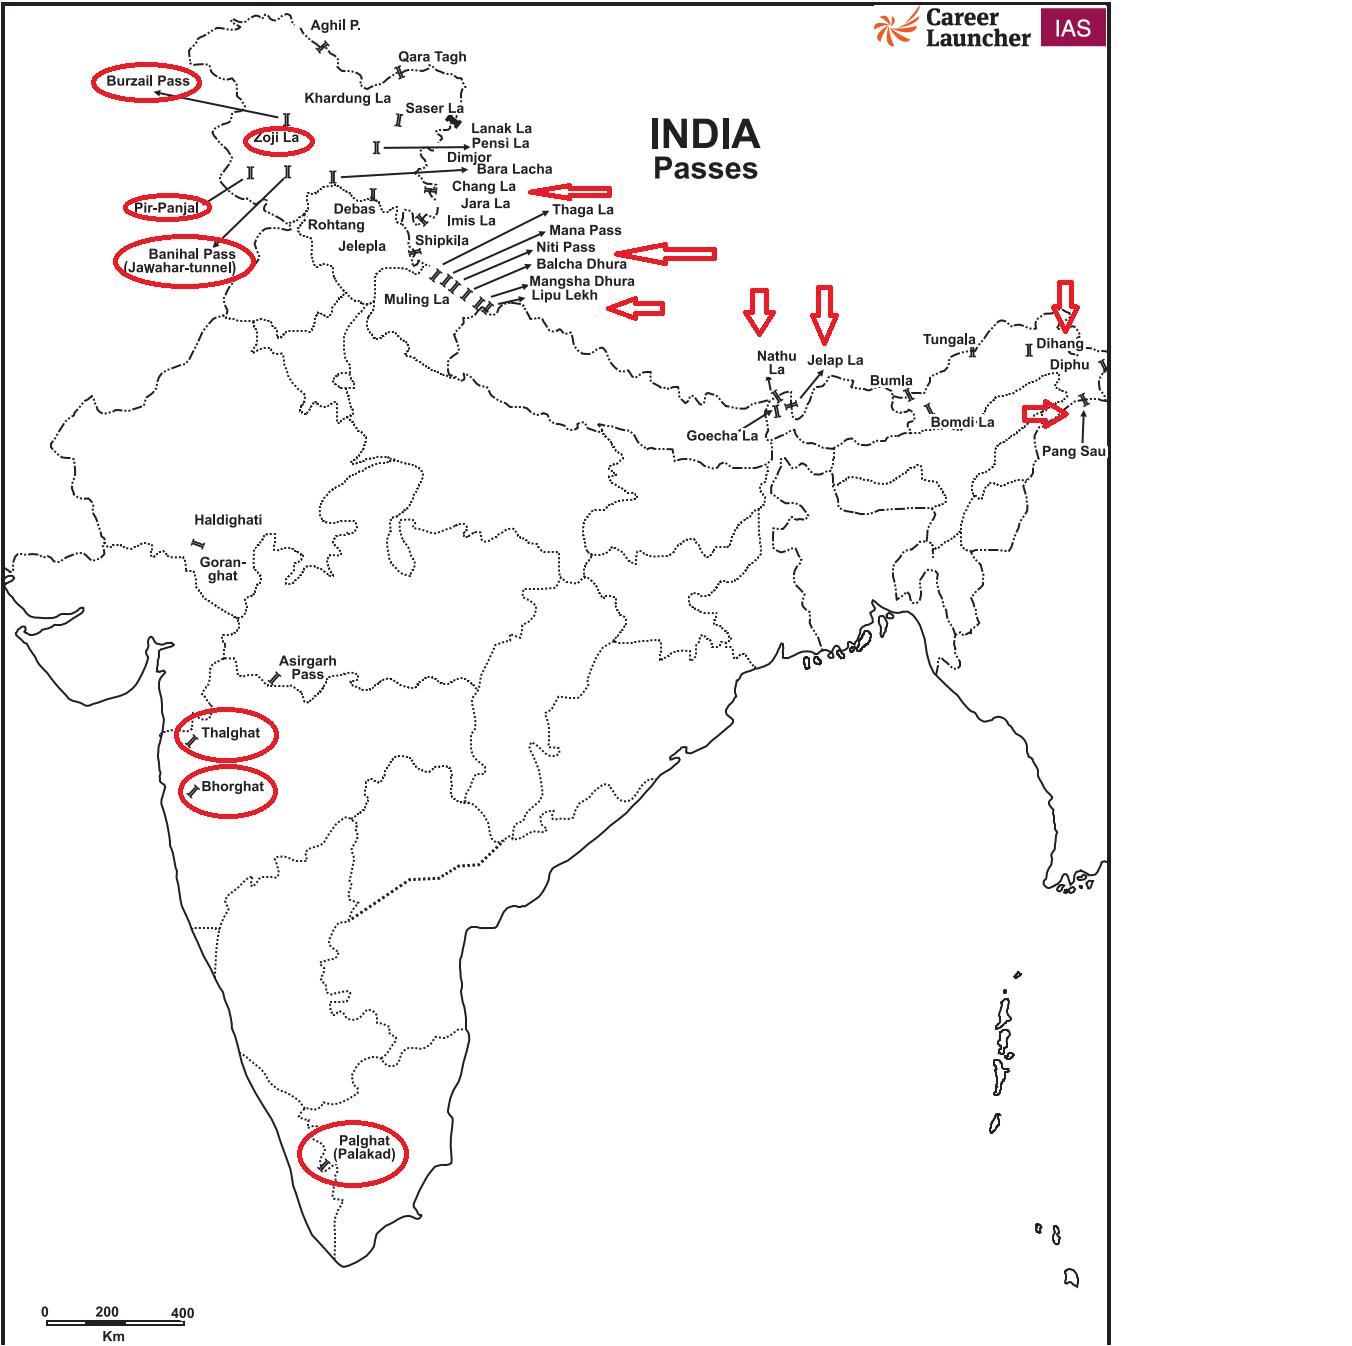 India Passes